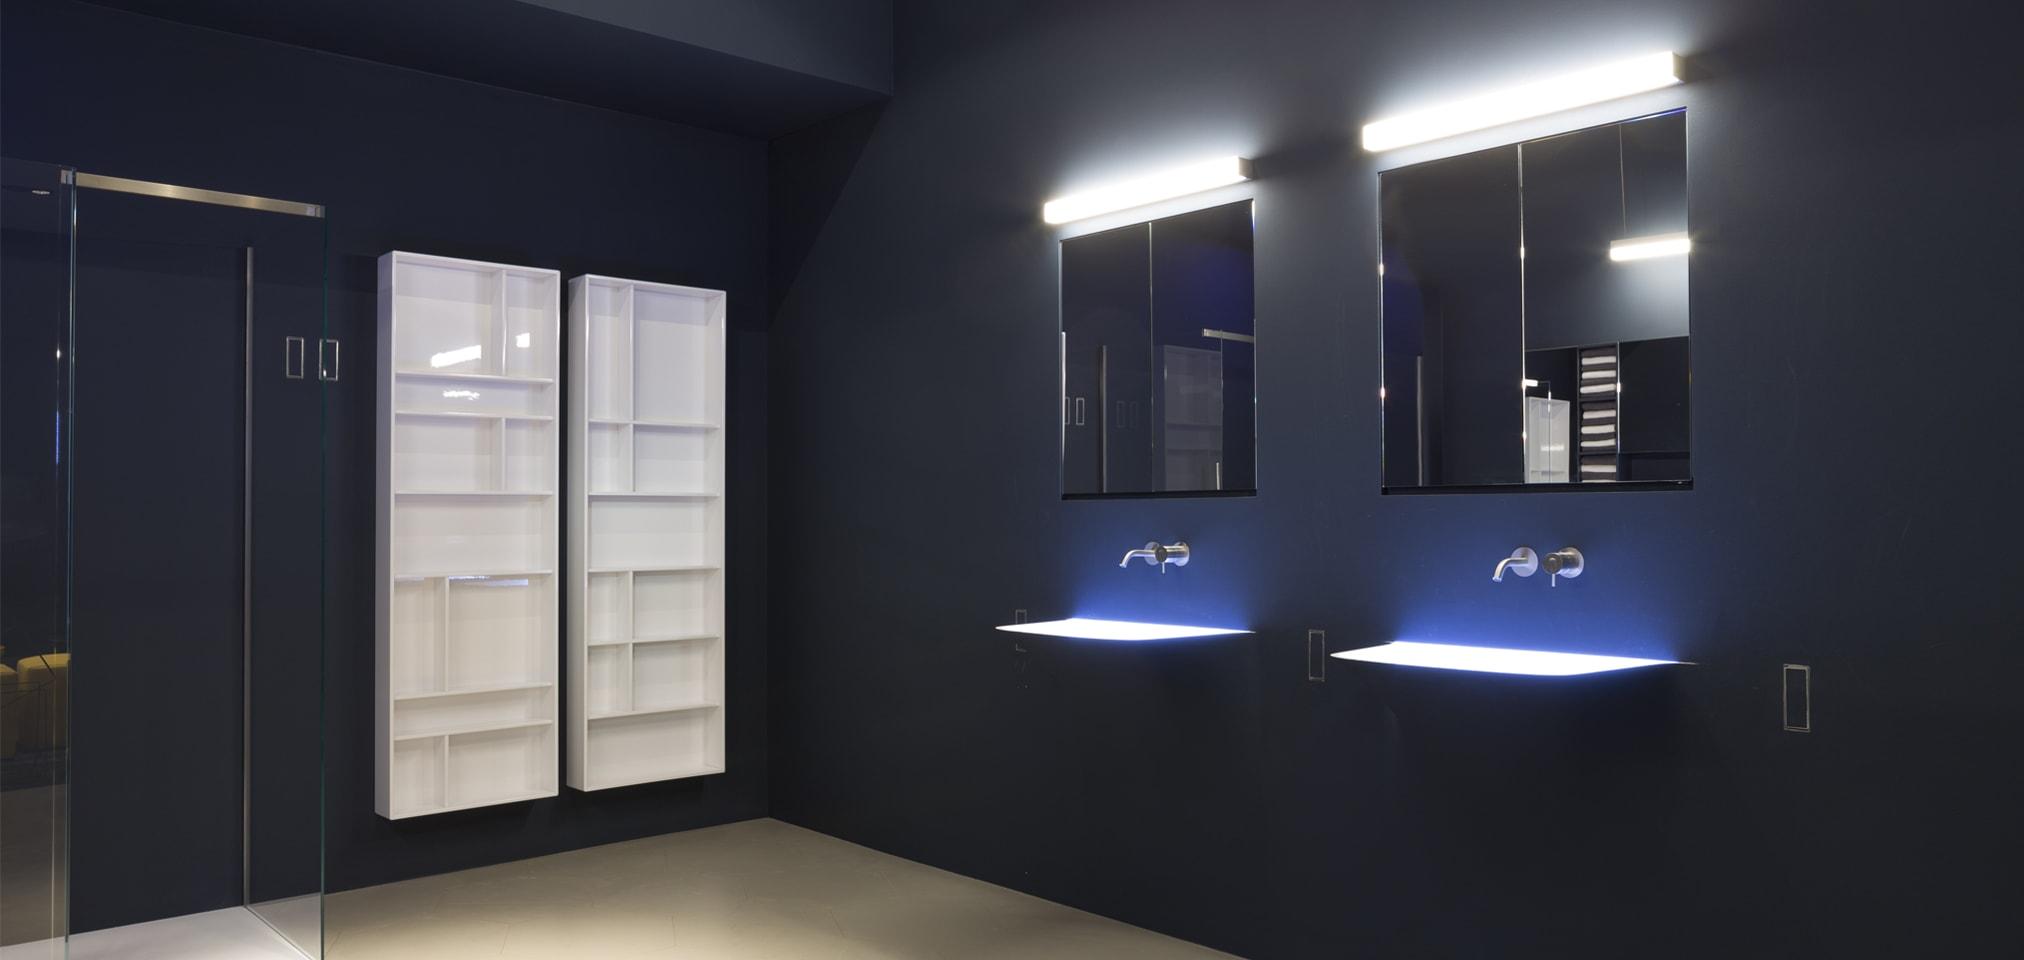 novades baños 2016 barcelona, baños de diseño, Soffio, lavabo lavamanos integrado en la pared, lavabo de diseño moderno, Tono Bagno Barcelona